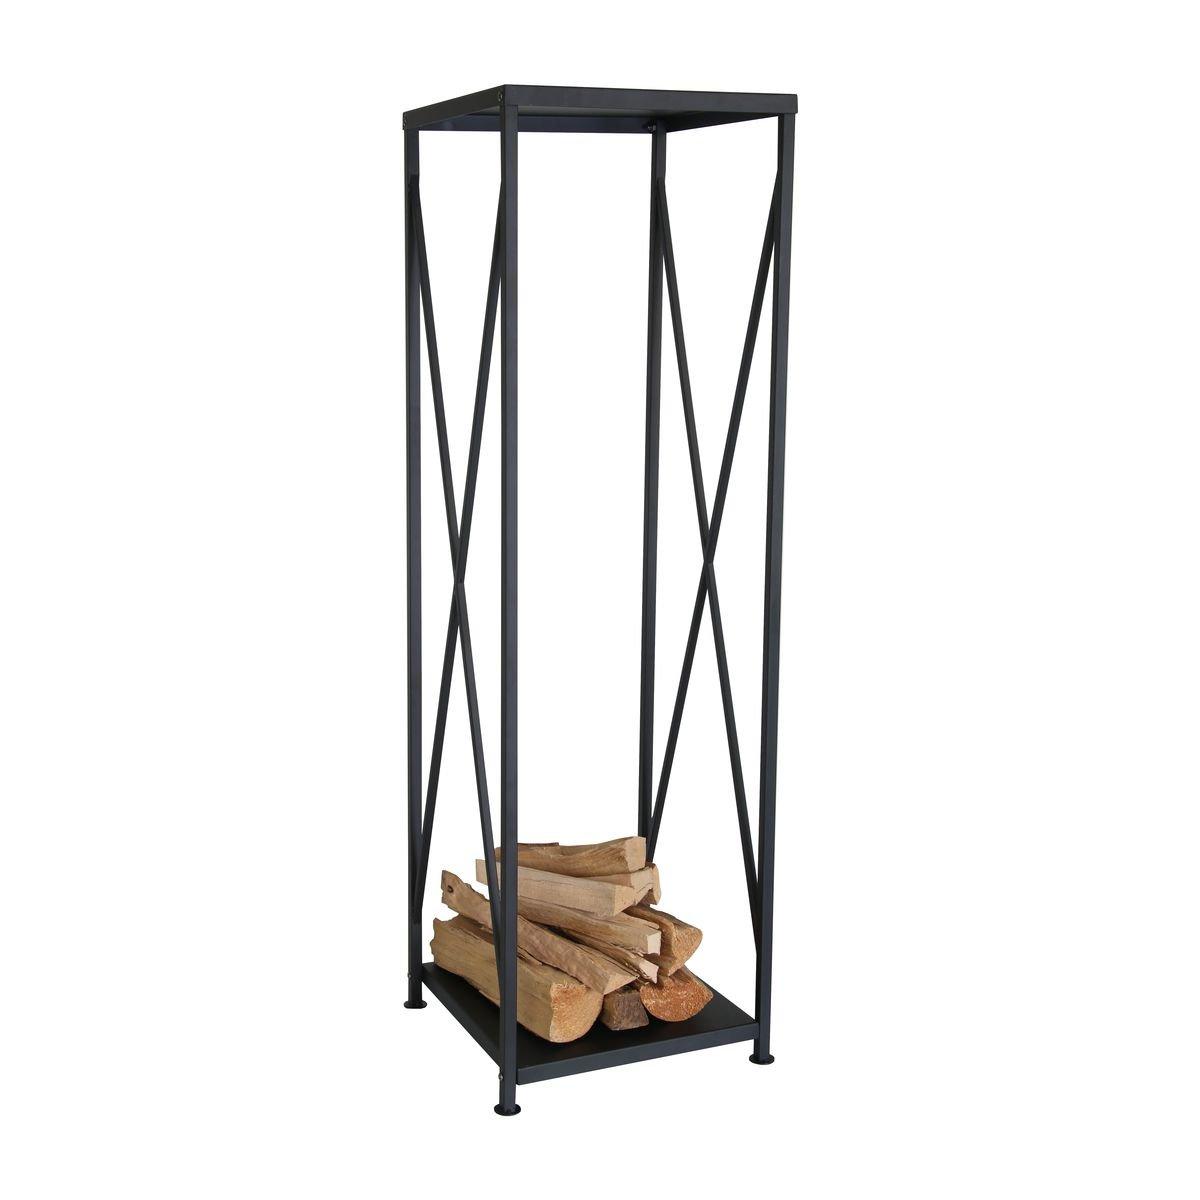 Kaminoflam Étagère en métal pour Bois de cheminée Moderne pour intérieur Noir Kamino-Flam 122312